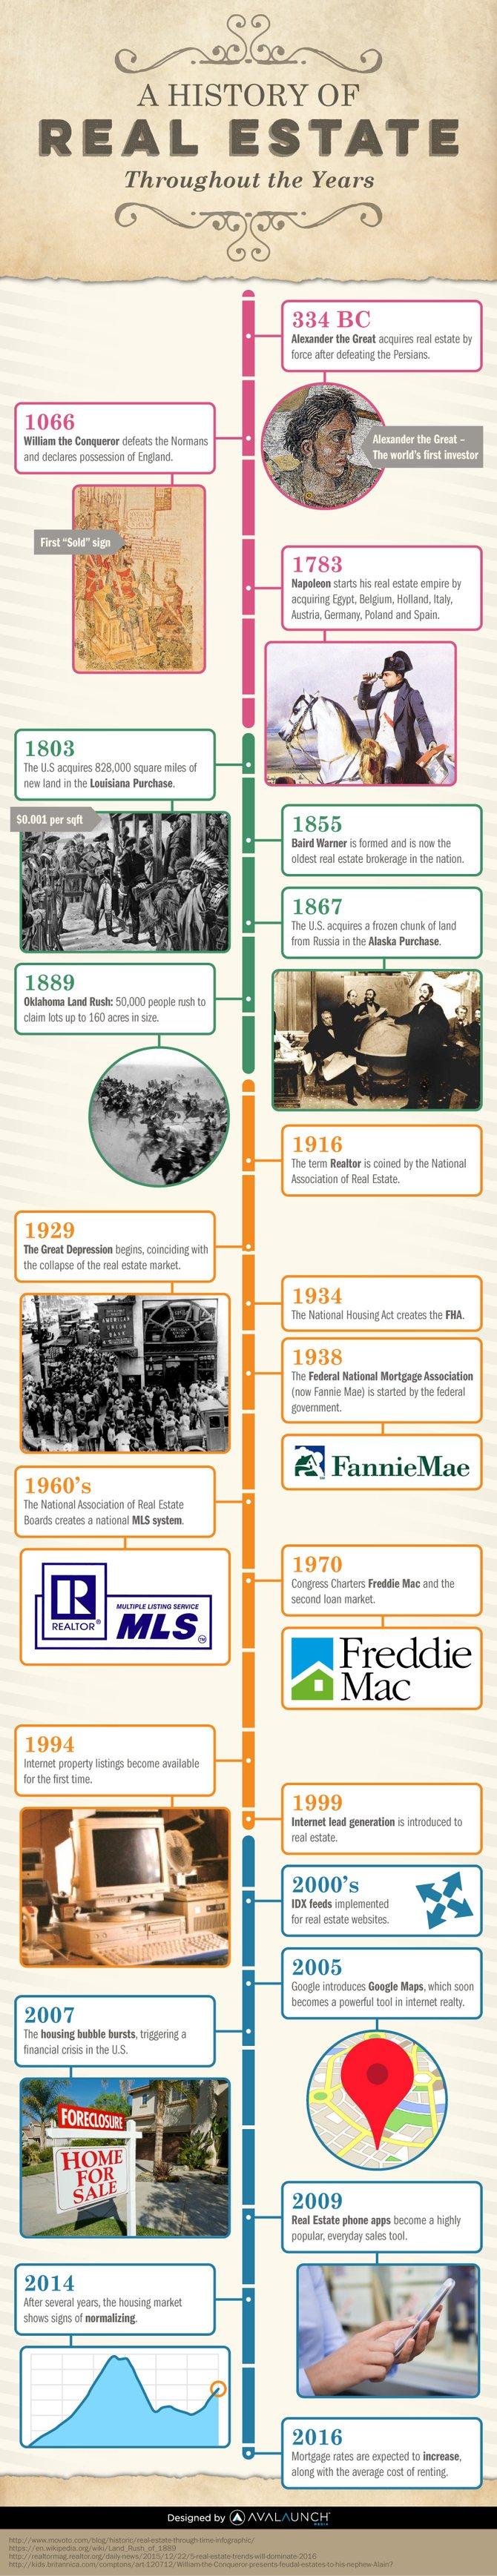 Unbranded_RE_Real Estate Timeline-01